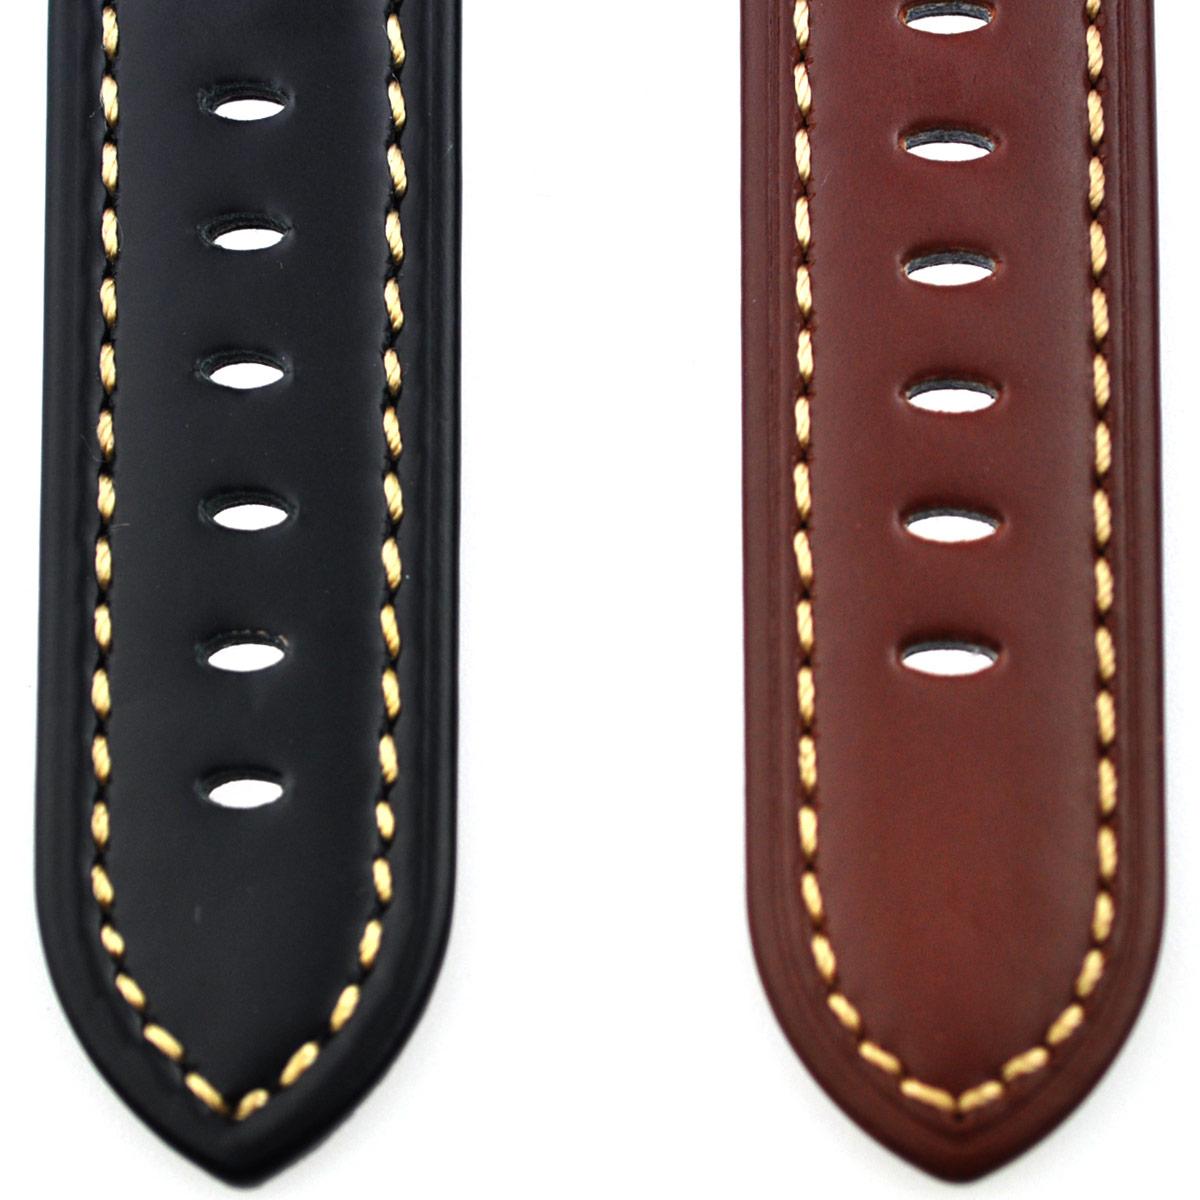 腕時計ベルト 腕時計バンド 替えストラップ 社外品 汎用レザーベルト 革ベルト 取付幅24mm 適用: TIMEX タイメックス (尾錠)ピンバックル付き [ Eight - ELB151 ]